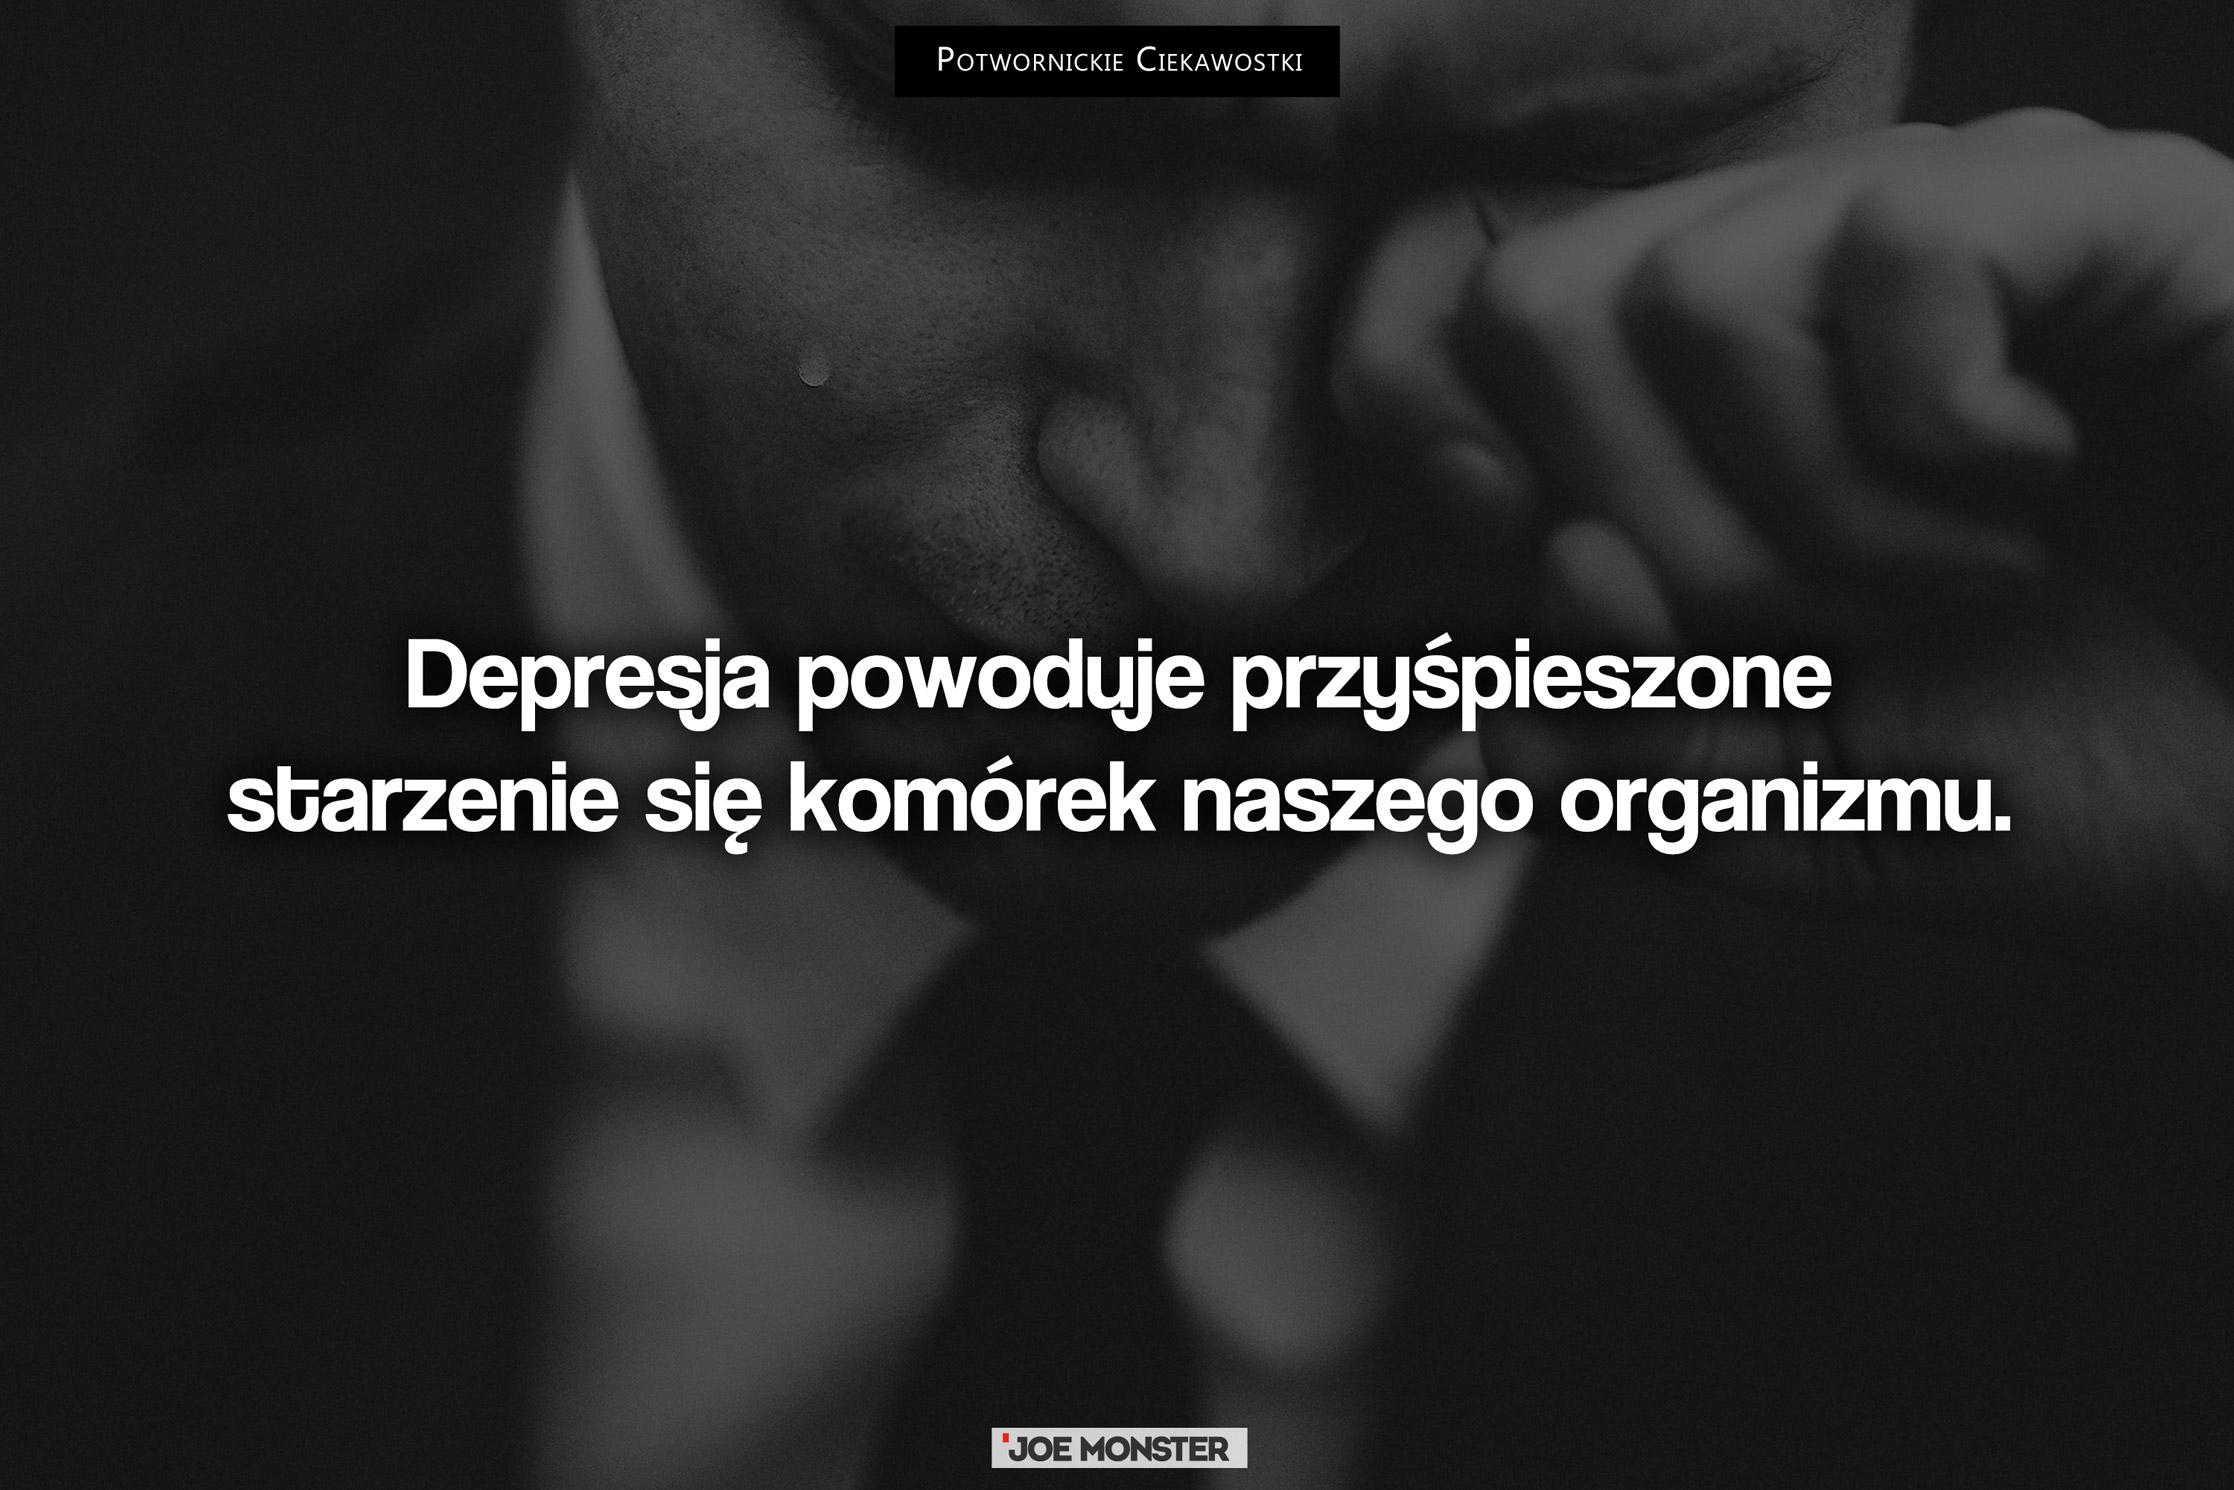 Depresja powoduje przyśpieszone starzenie się komórek naszego organizmu.